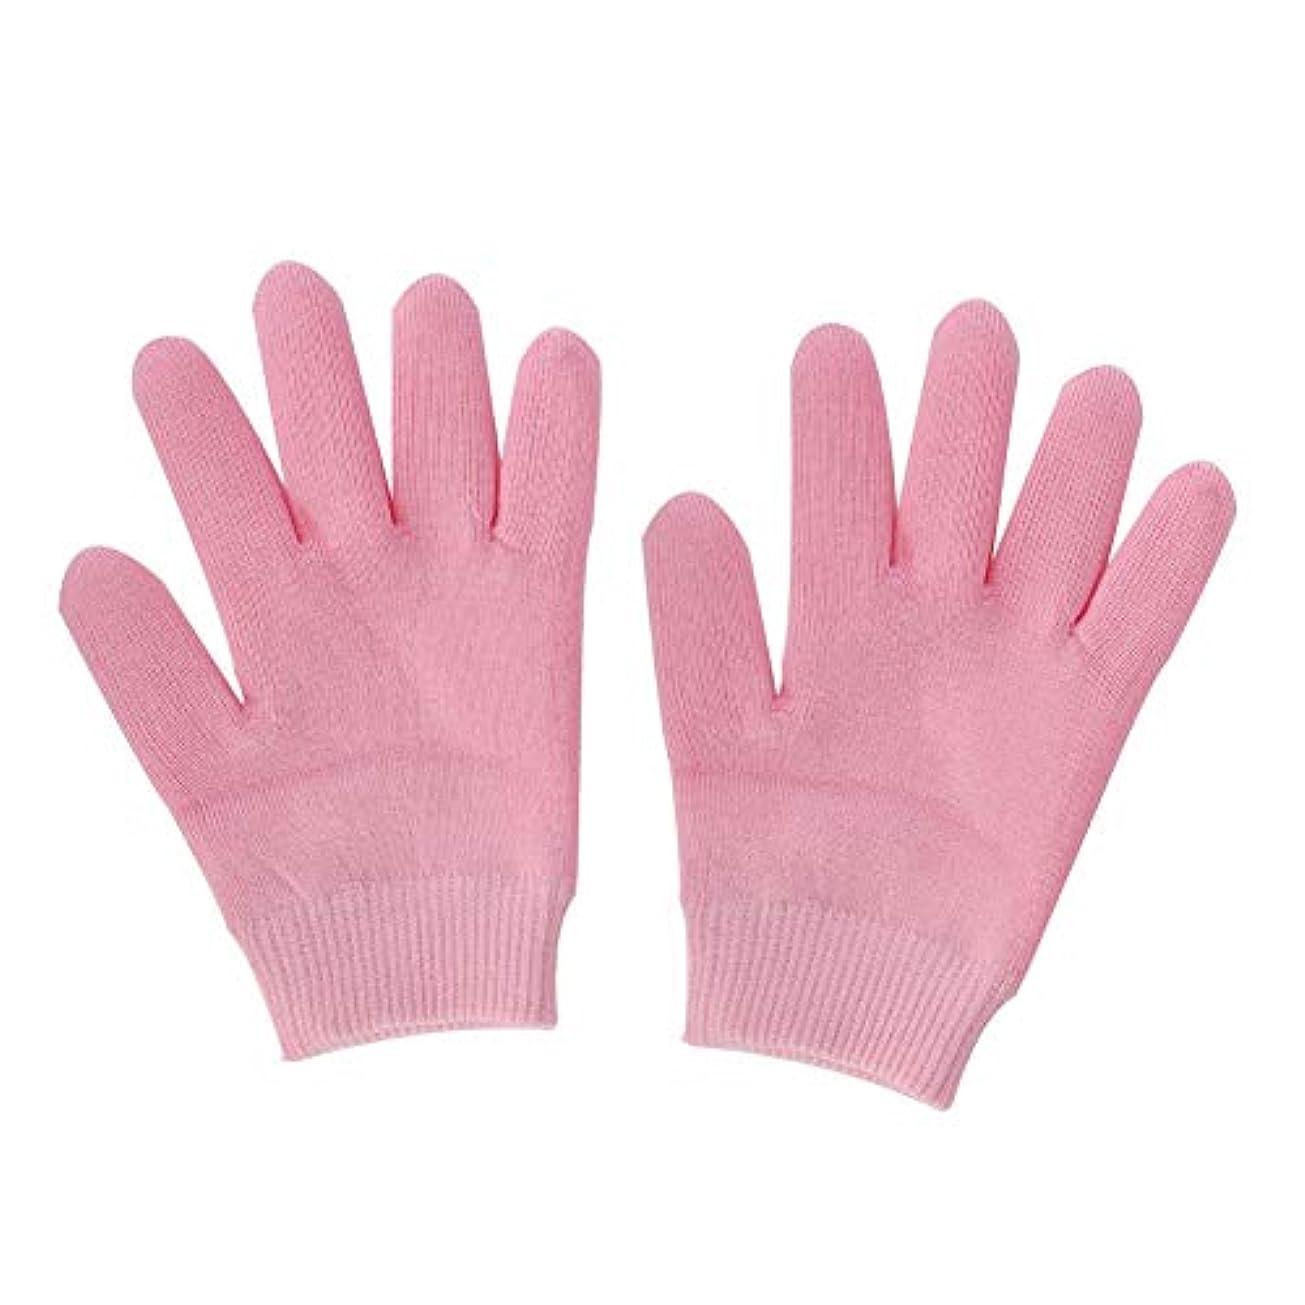 ブレスコイン改修保湿スパジェルグローブソックス、ケア用ジェルライニングローション付きエッセンシャルオイルグローブを白くする手、肌にひびが入る、女性用フィンガーレスグローブ